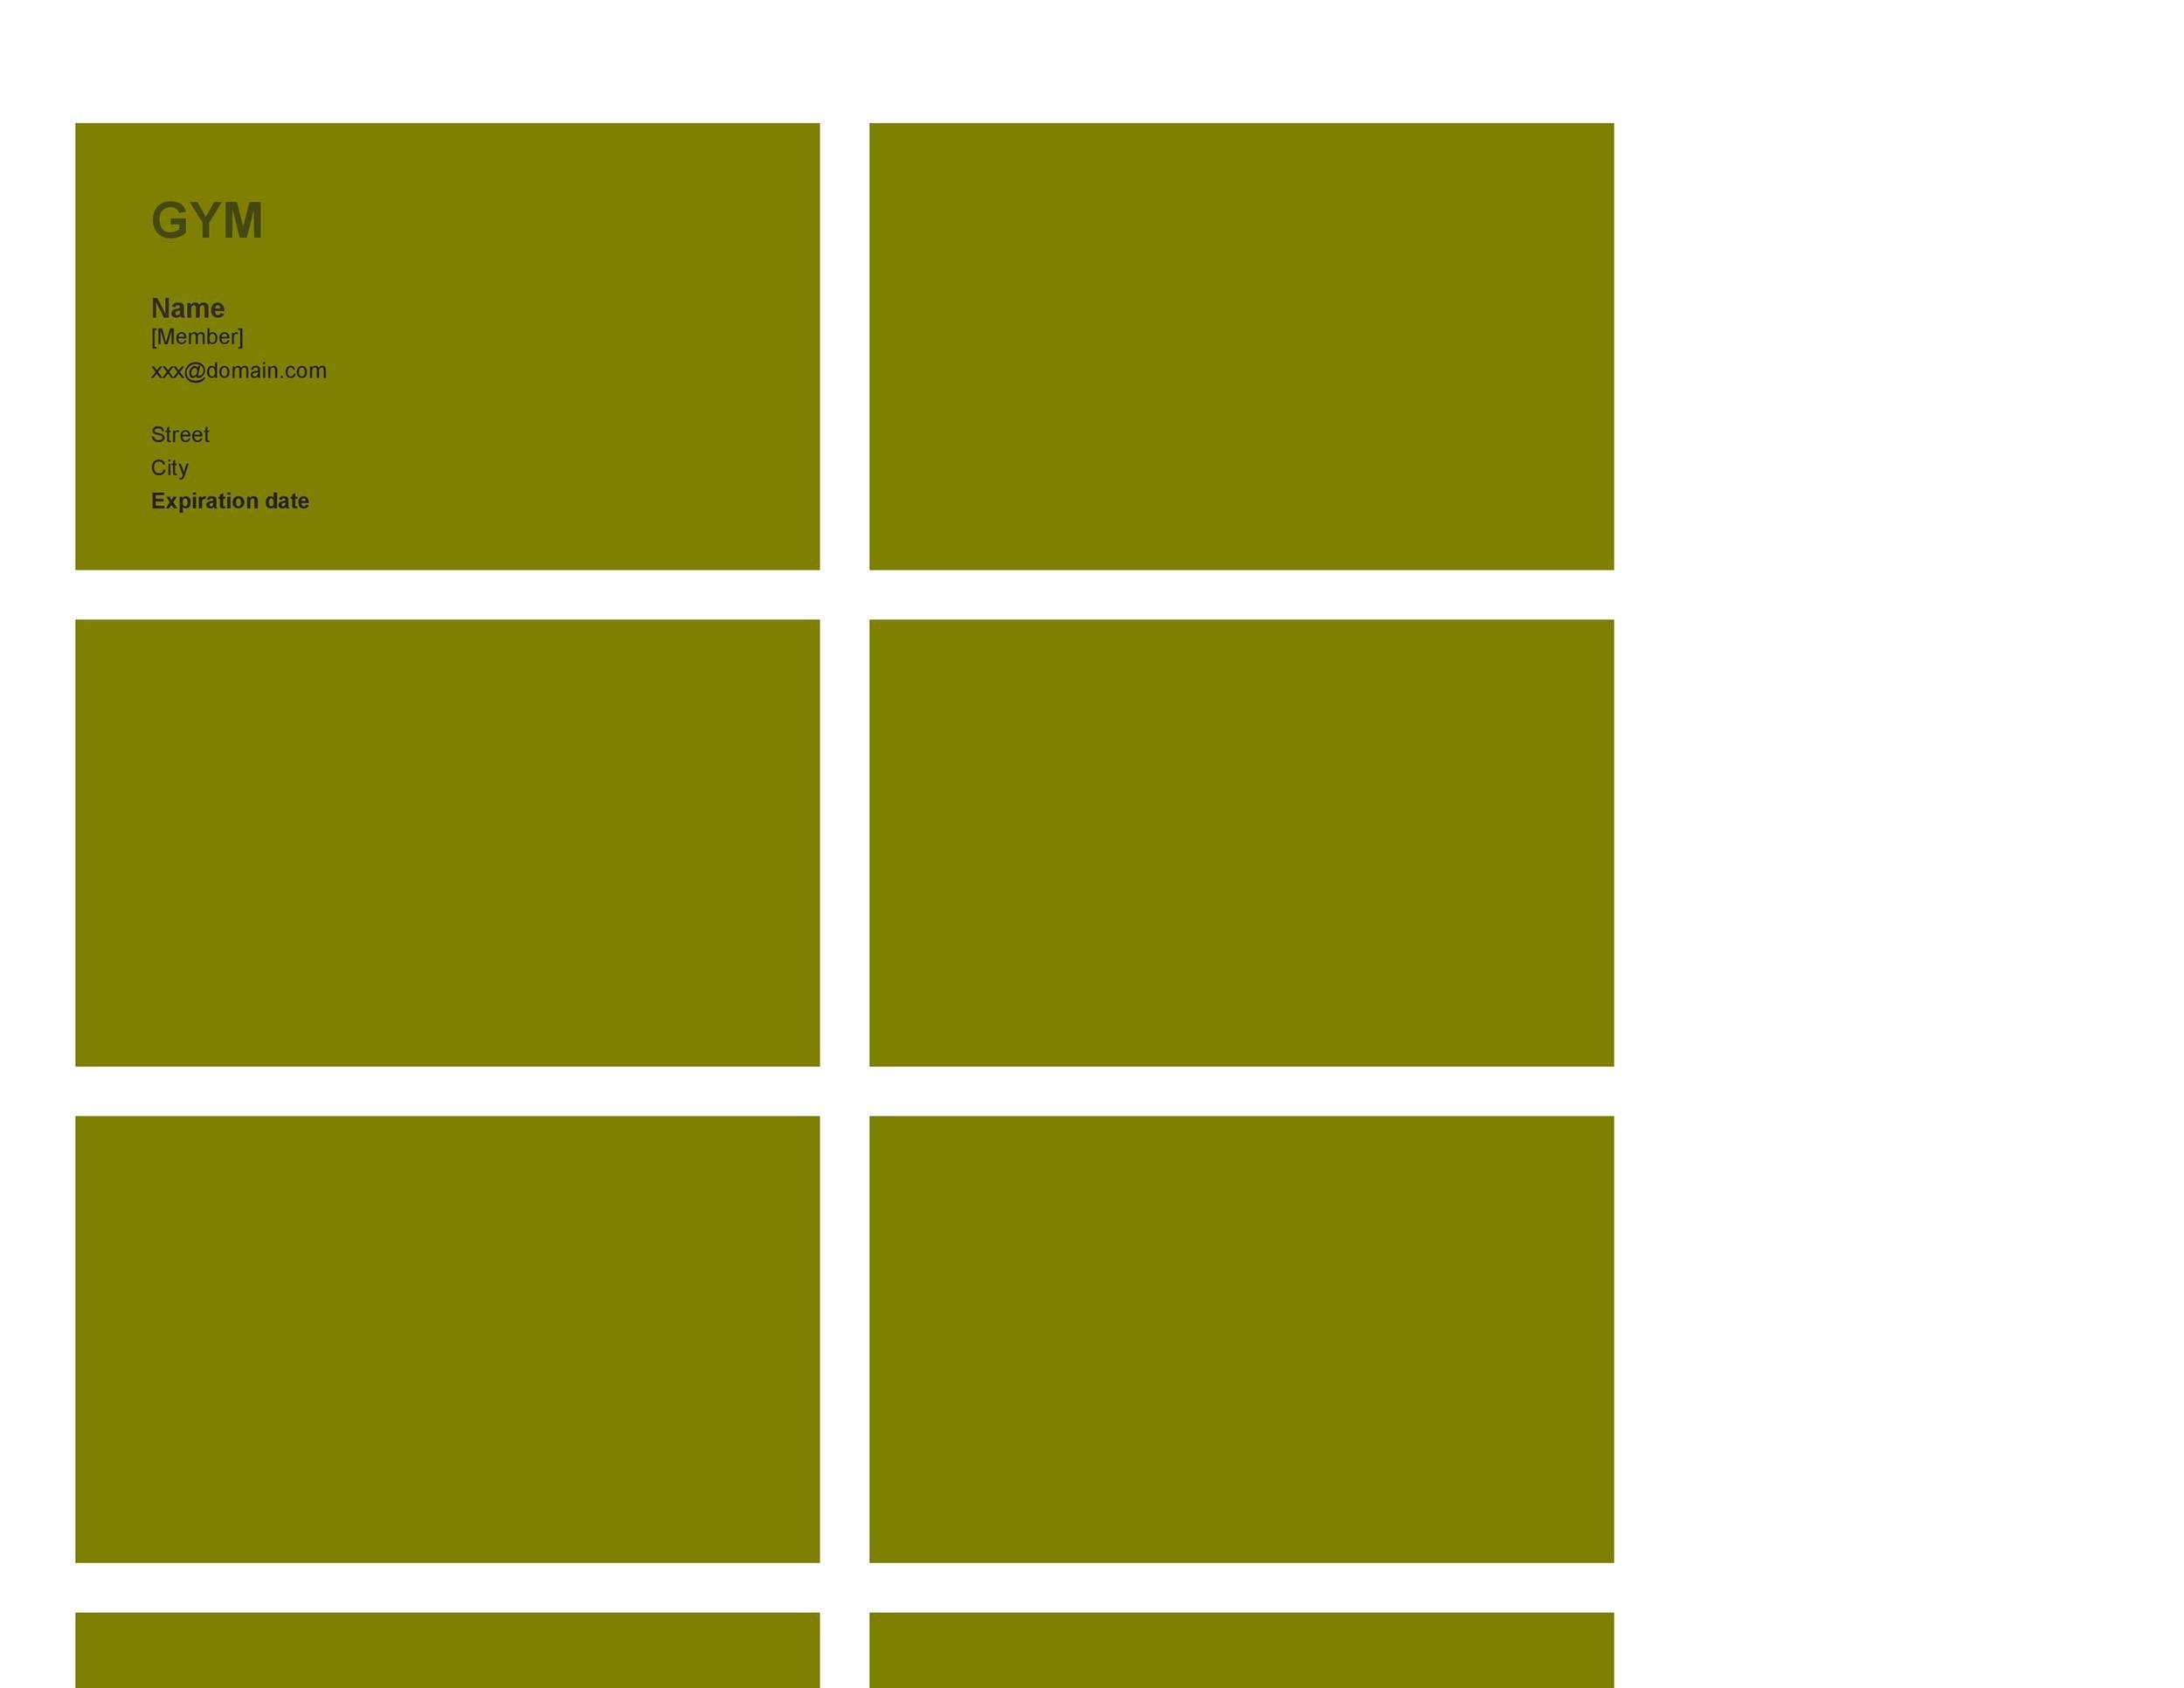 Free Membership Card Design Template 21